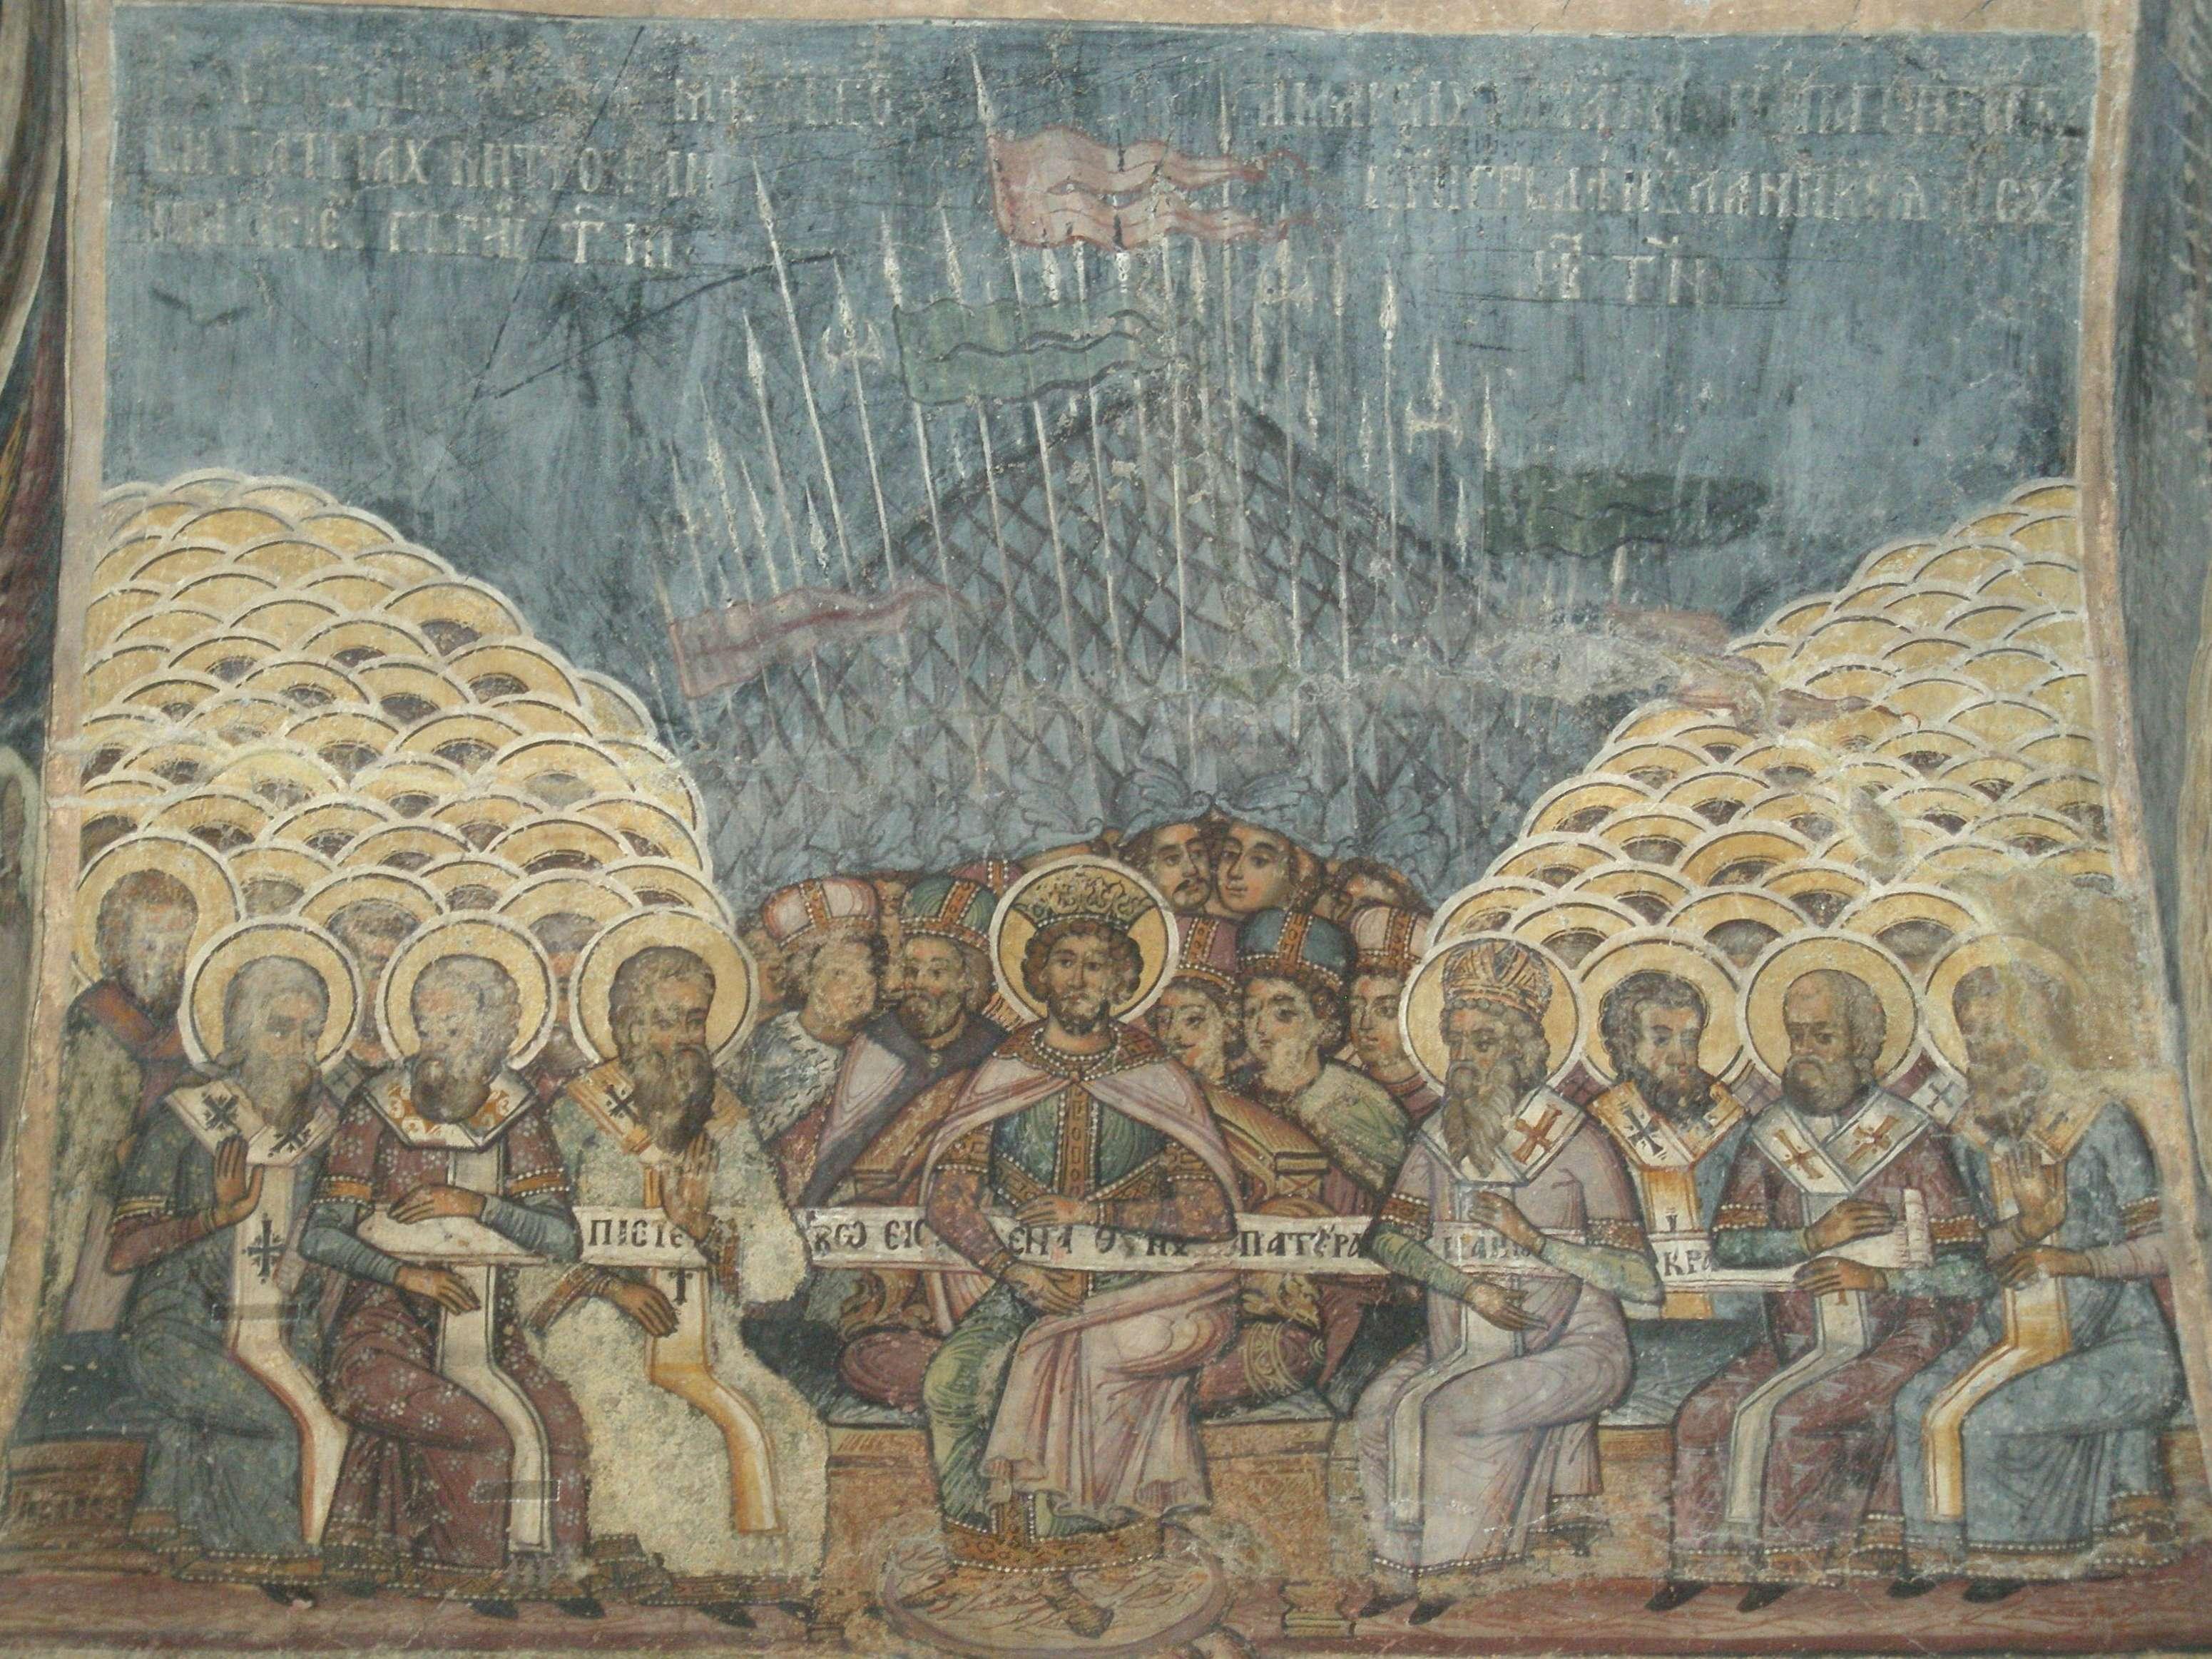 Η Α΄ Οικουμενική Σύνοδος διήρκεσε δύο μήνες και δώδεκα ημέρες και πραγματοποιήθηκε στη Νίκαια της Βιθυνίας. Συγκλήθηκε από τον Μέγα Κωνσταντίνο στις 20 Μαΐου του 325 και έλαβαν μέρος 318 επίσκοποι. Η Πρώτη Σύνοδος της Νίκαιας, τοιχογραφία του 18ου αι. στον Ορθόδοξο Ναό Σταυροπόλεως στο Βουκουρέστι.